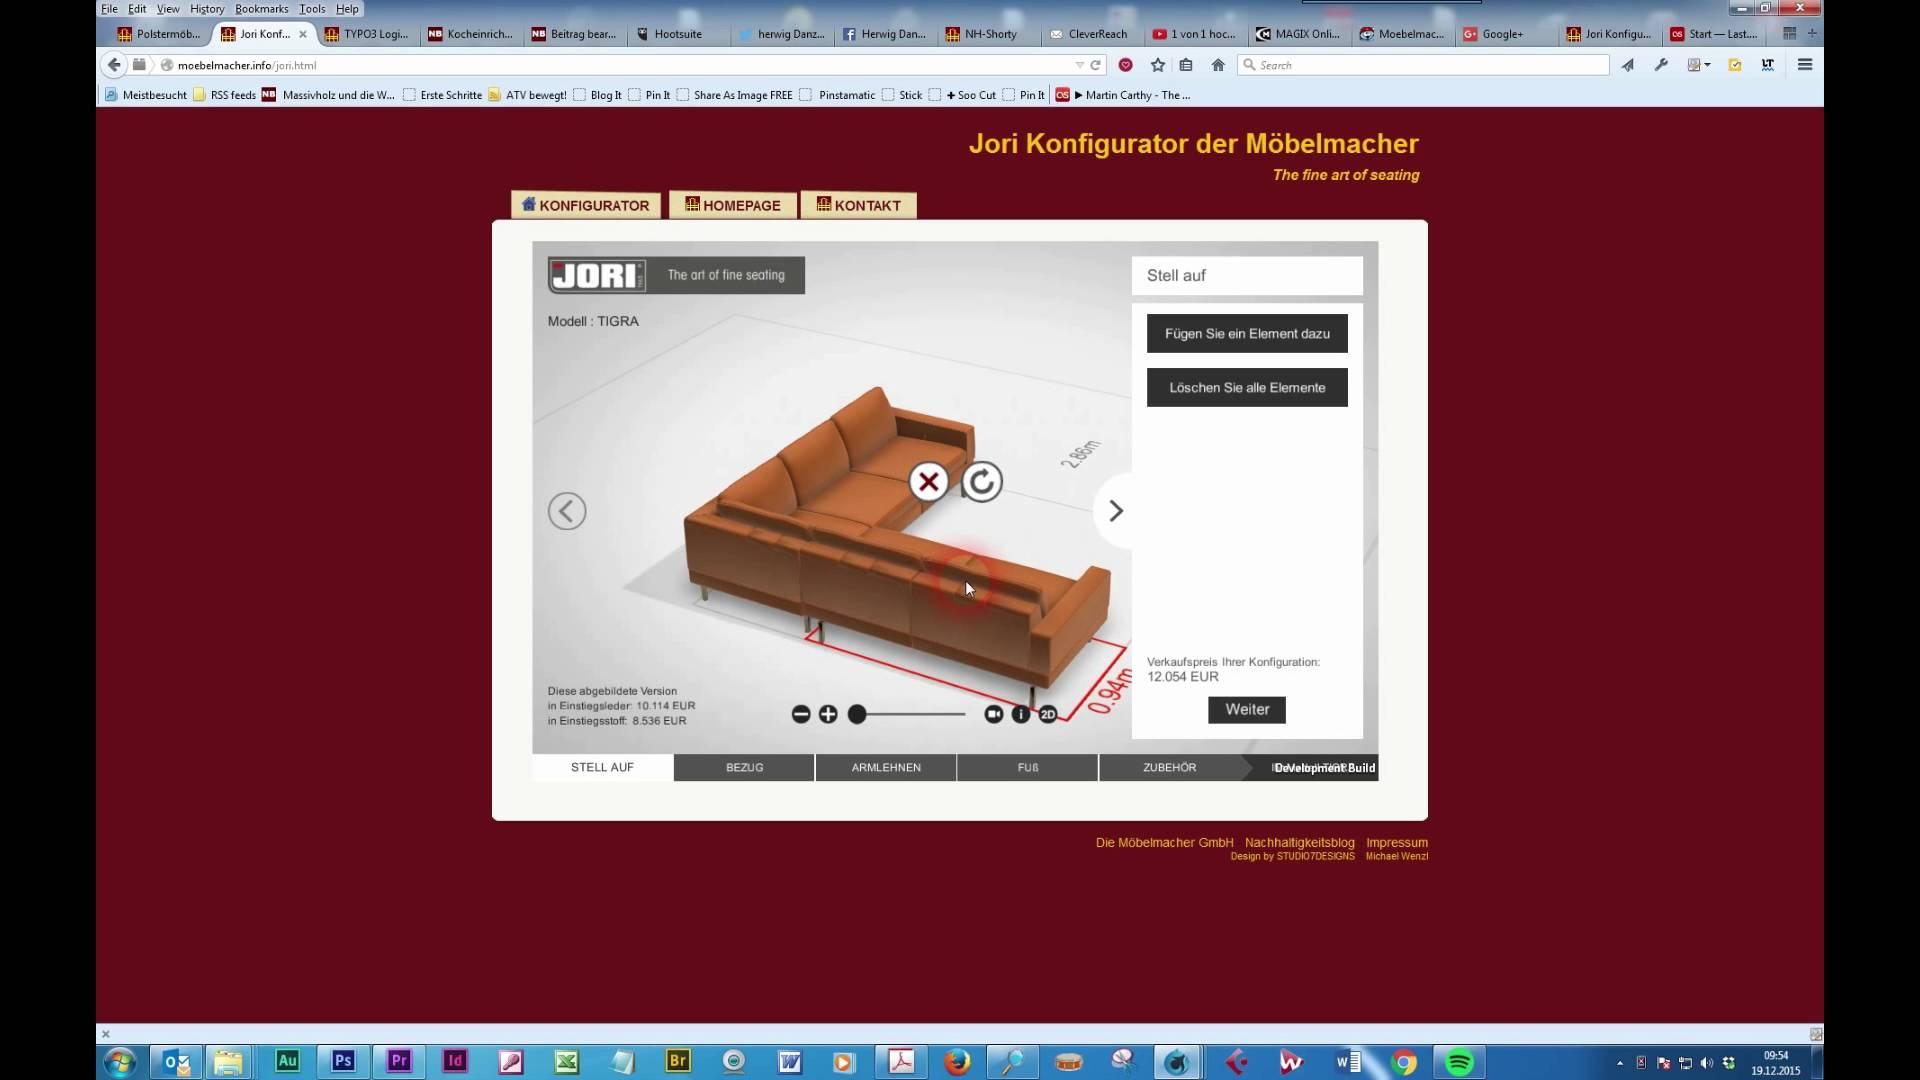 der jori polsterm bel konfigurator jetzt auch f r sofas das nachhaltigkeitsblog der m belmacher. Black Bedroom Furniture Sets. Home Design Ideas